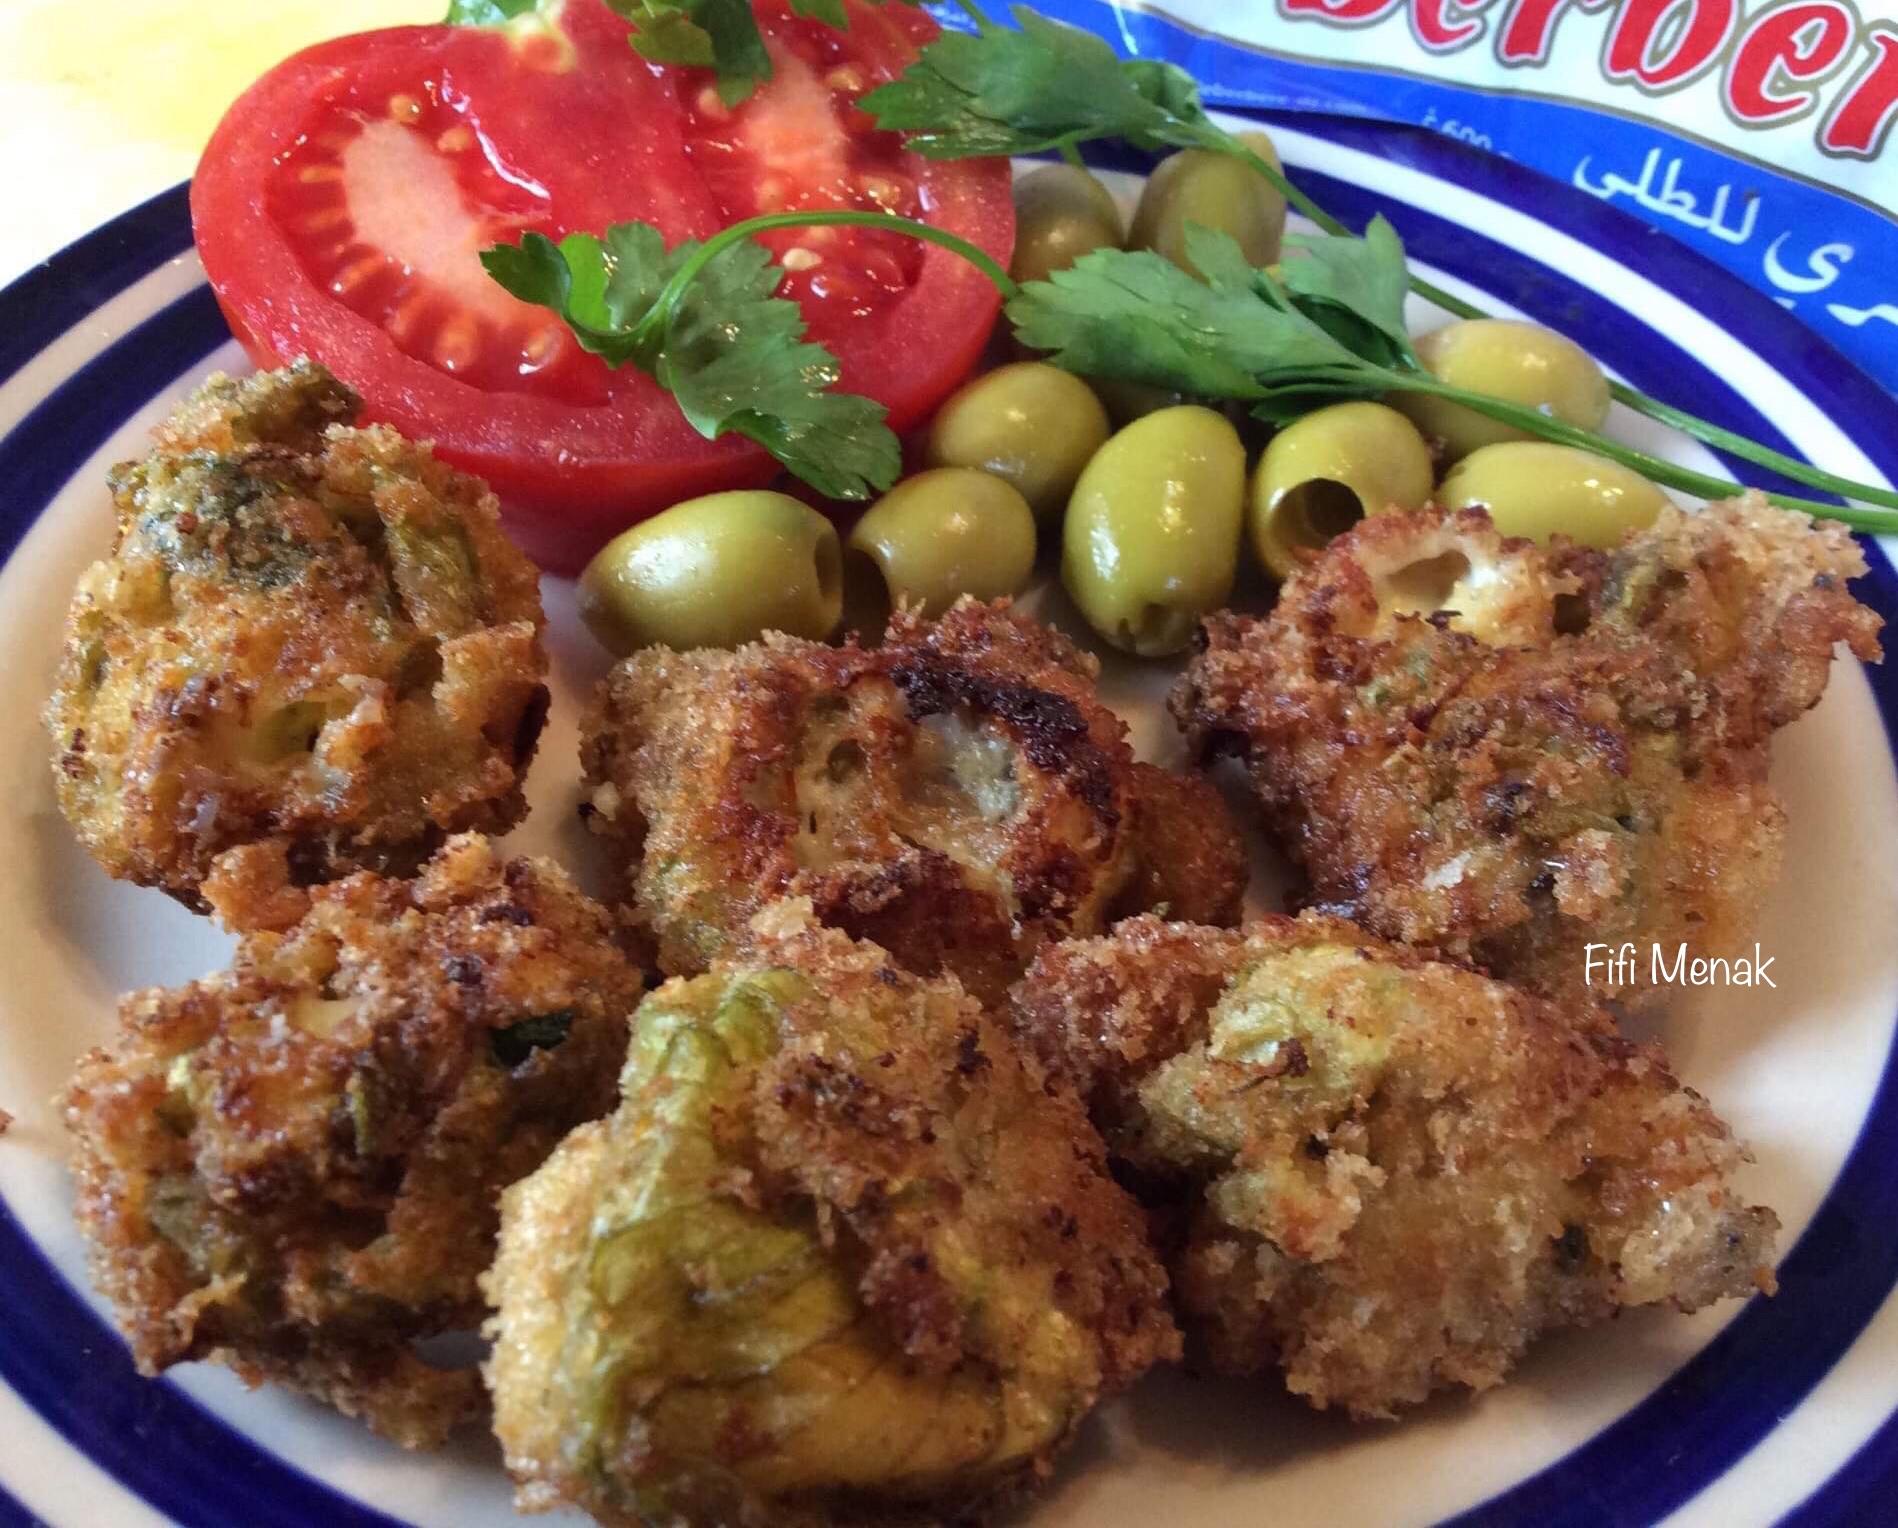 Beignets de fleurs de courgettes au fromage fondu et oignon